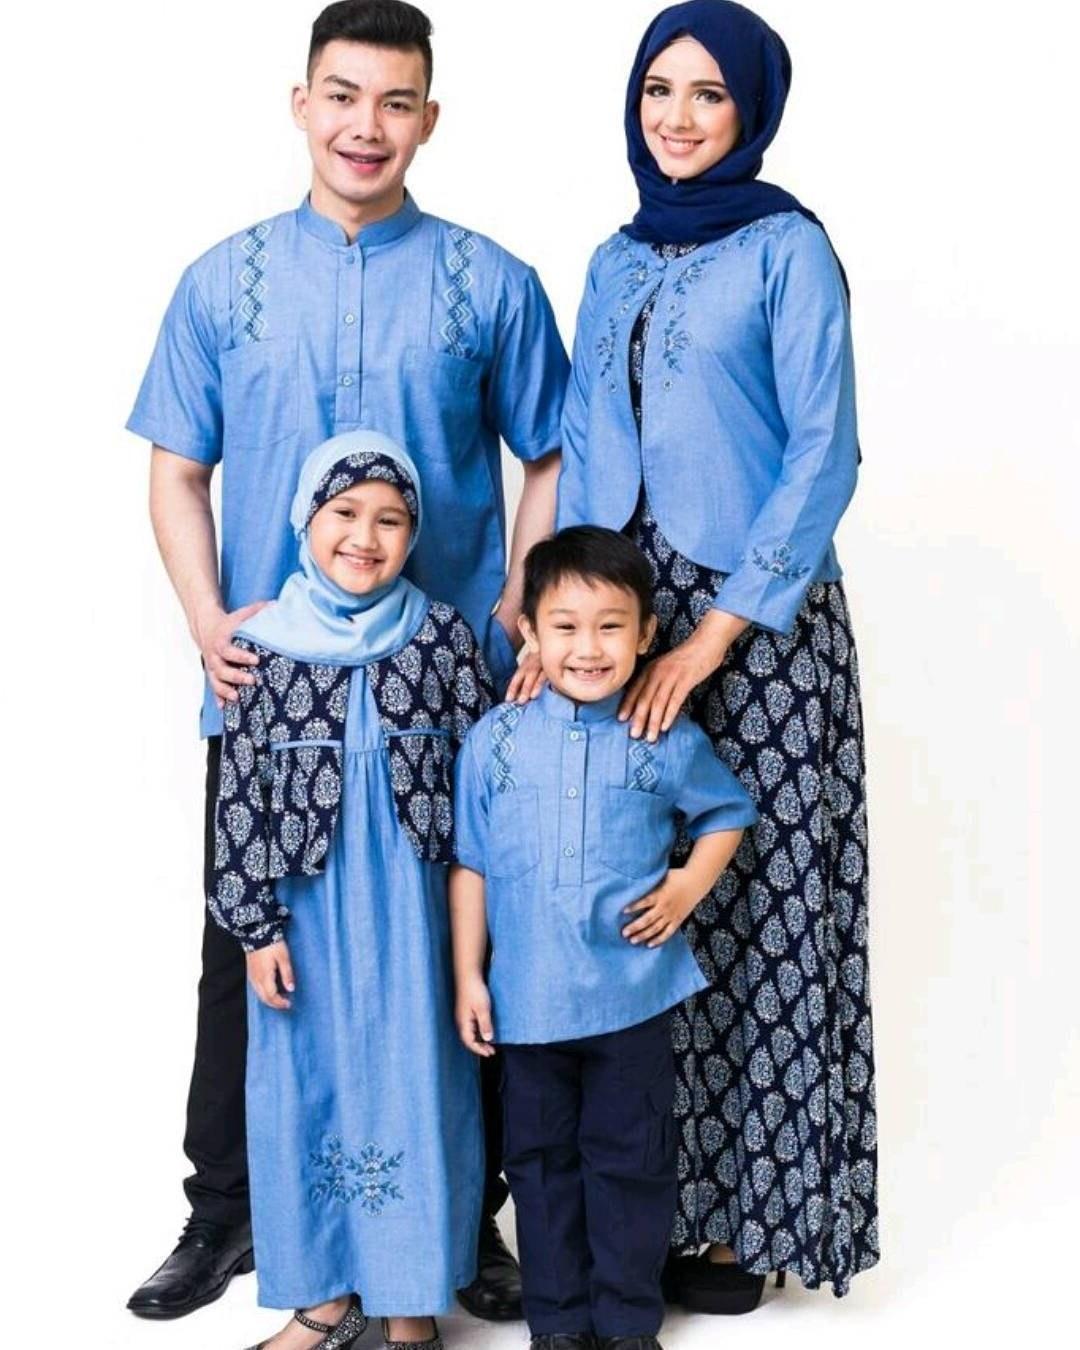 Inspirasi Model Baju Lebaran 2018 Terbaru Gdd0 Model Baju Keluarga Untuk Hari Raya Lebaran 2018